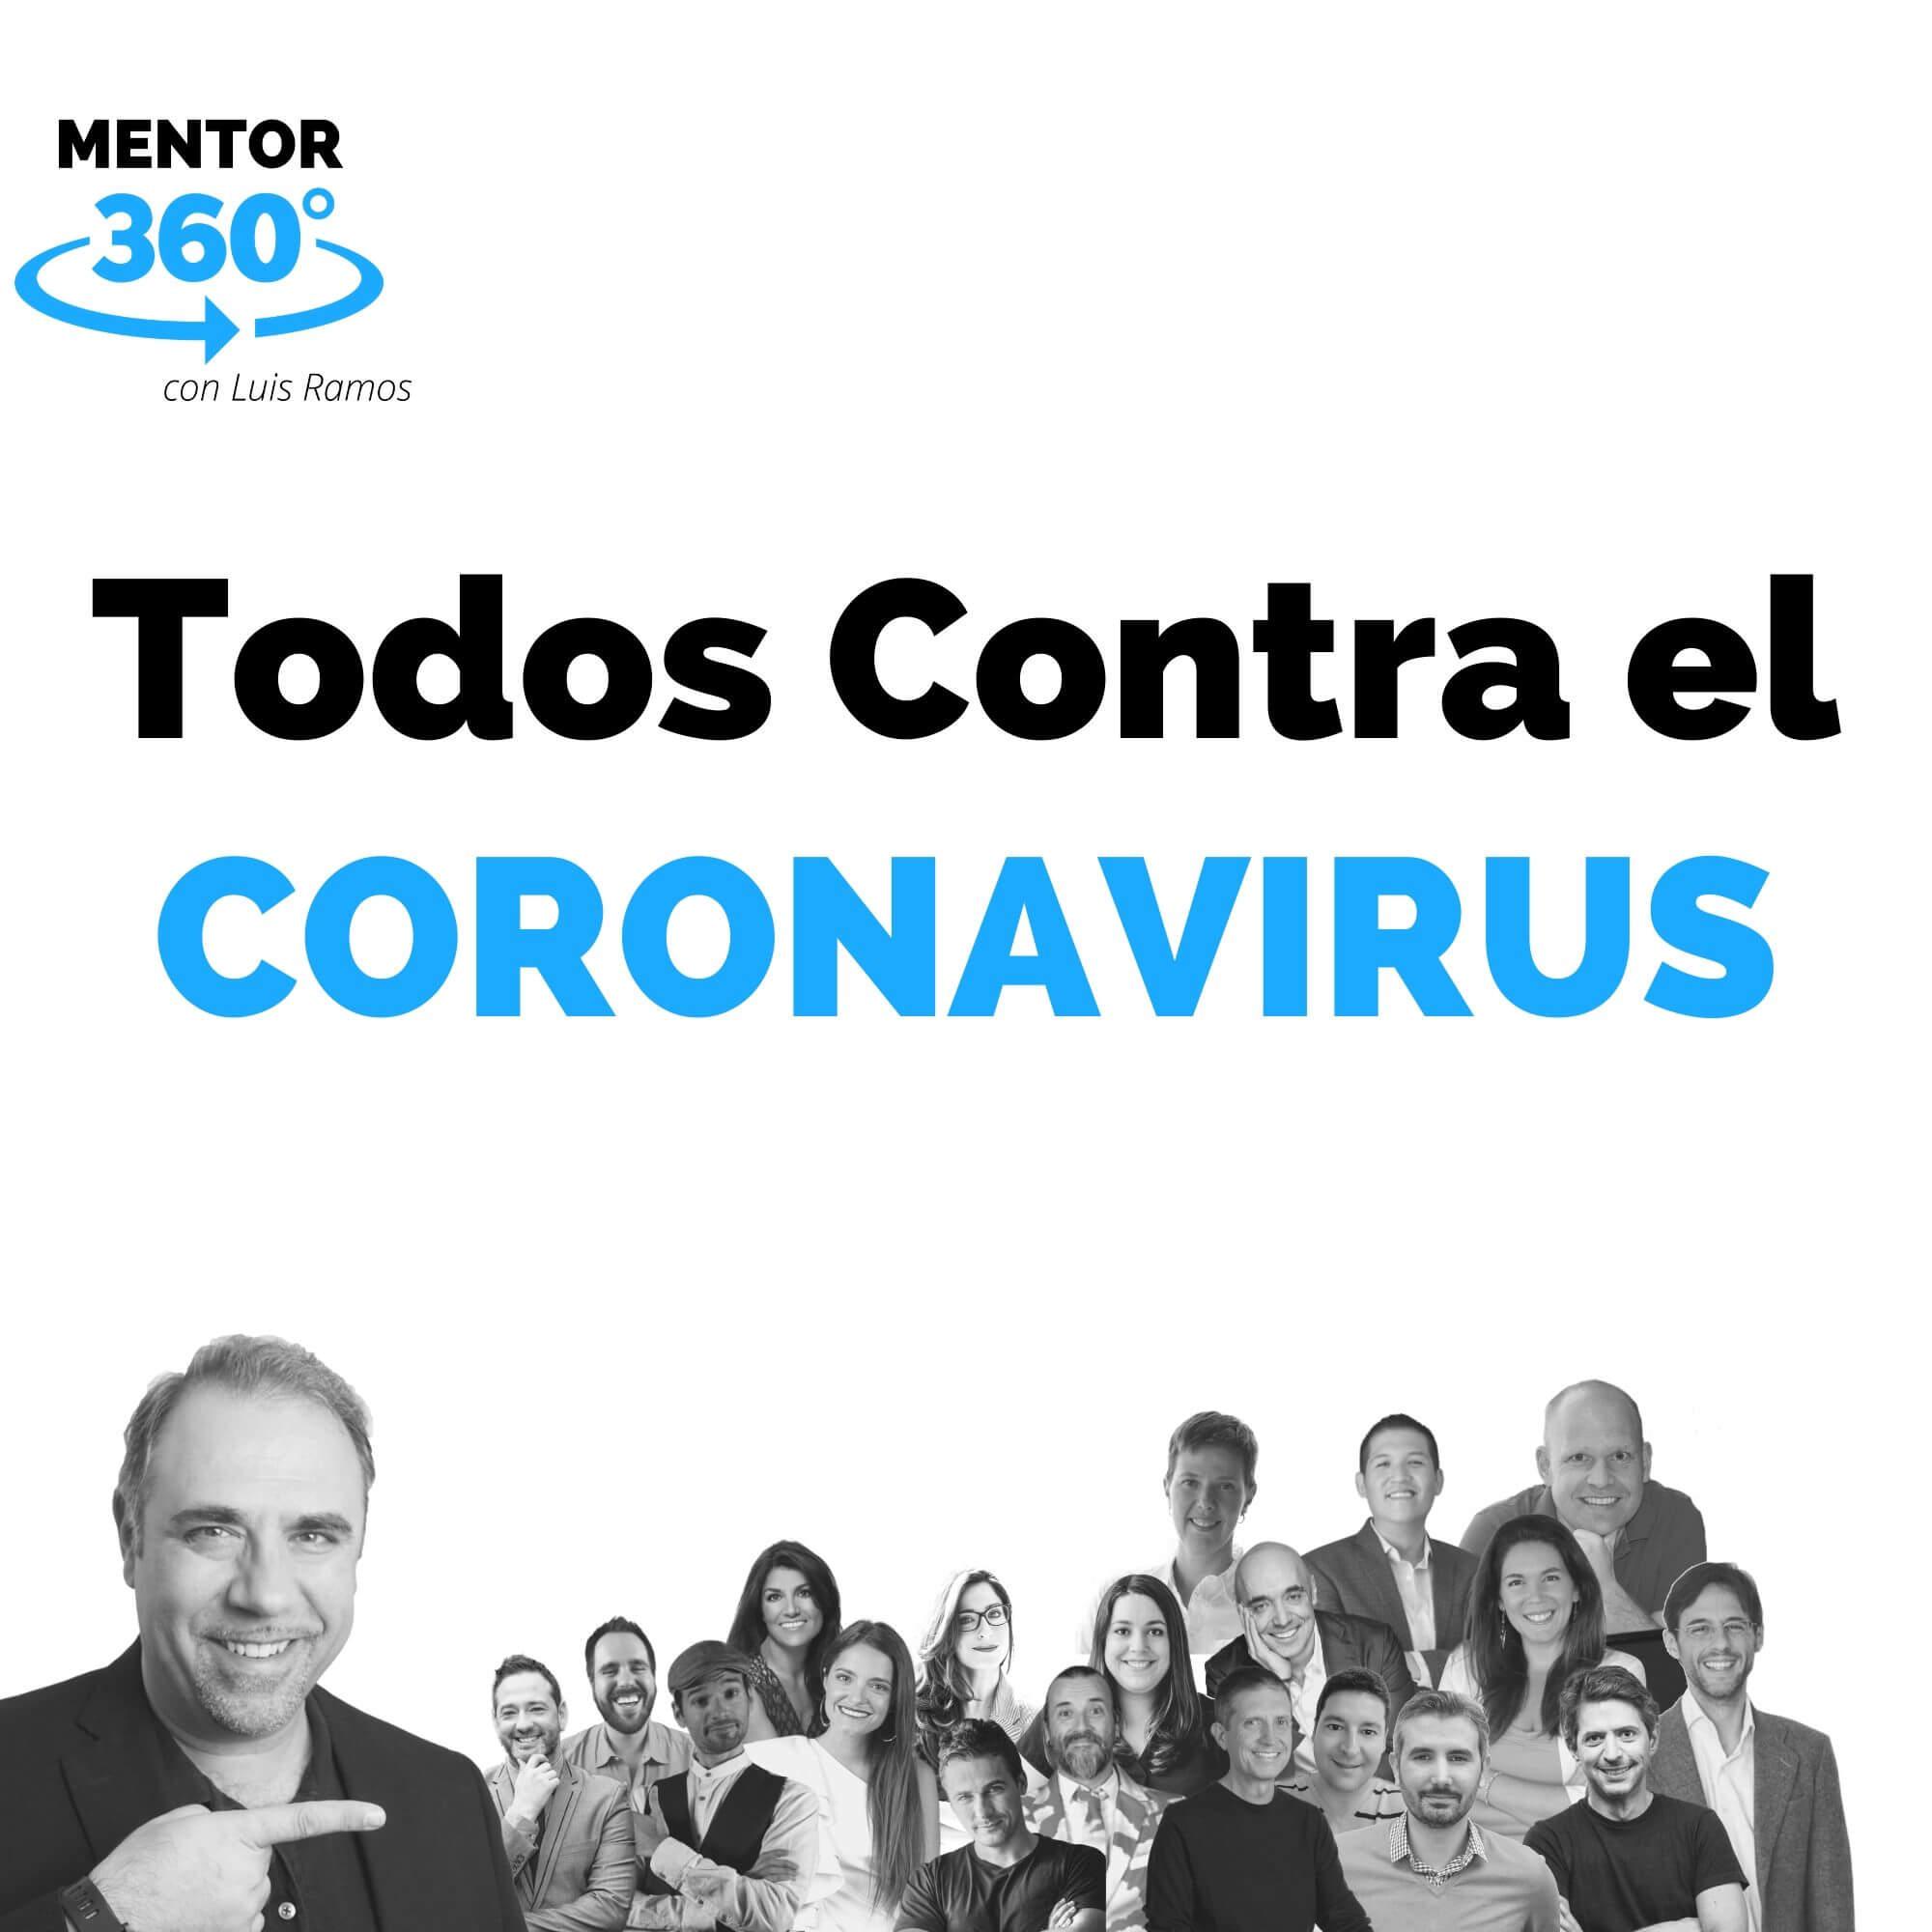 Todos Contra el Coronavirus - MENTOR360